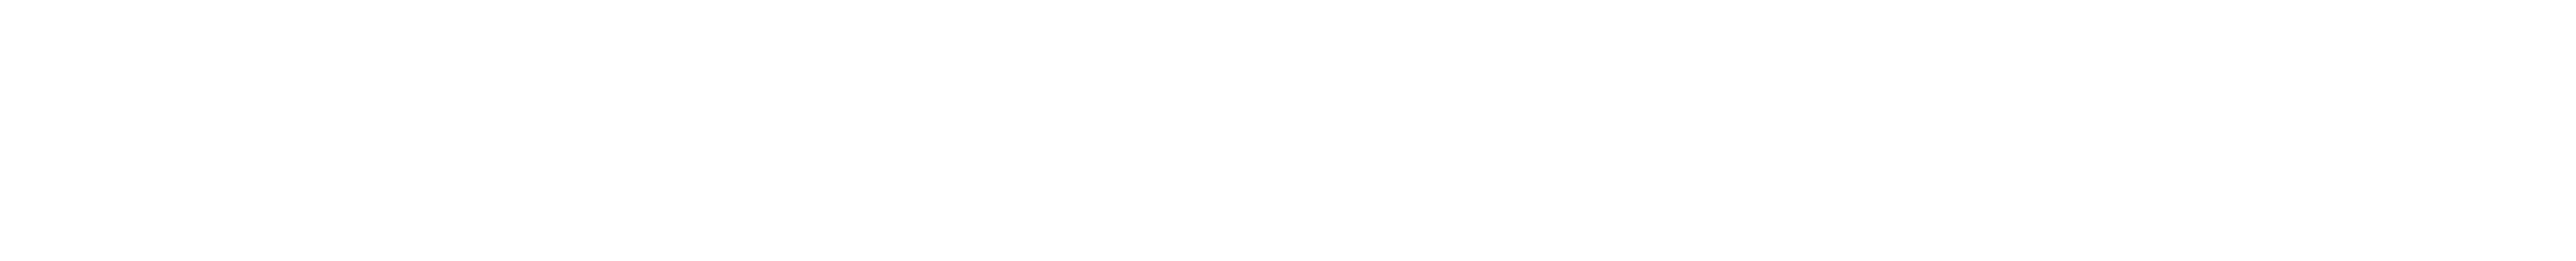 ViseuNoivos – Expositor